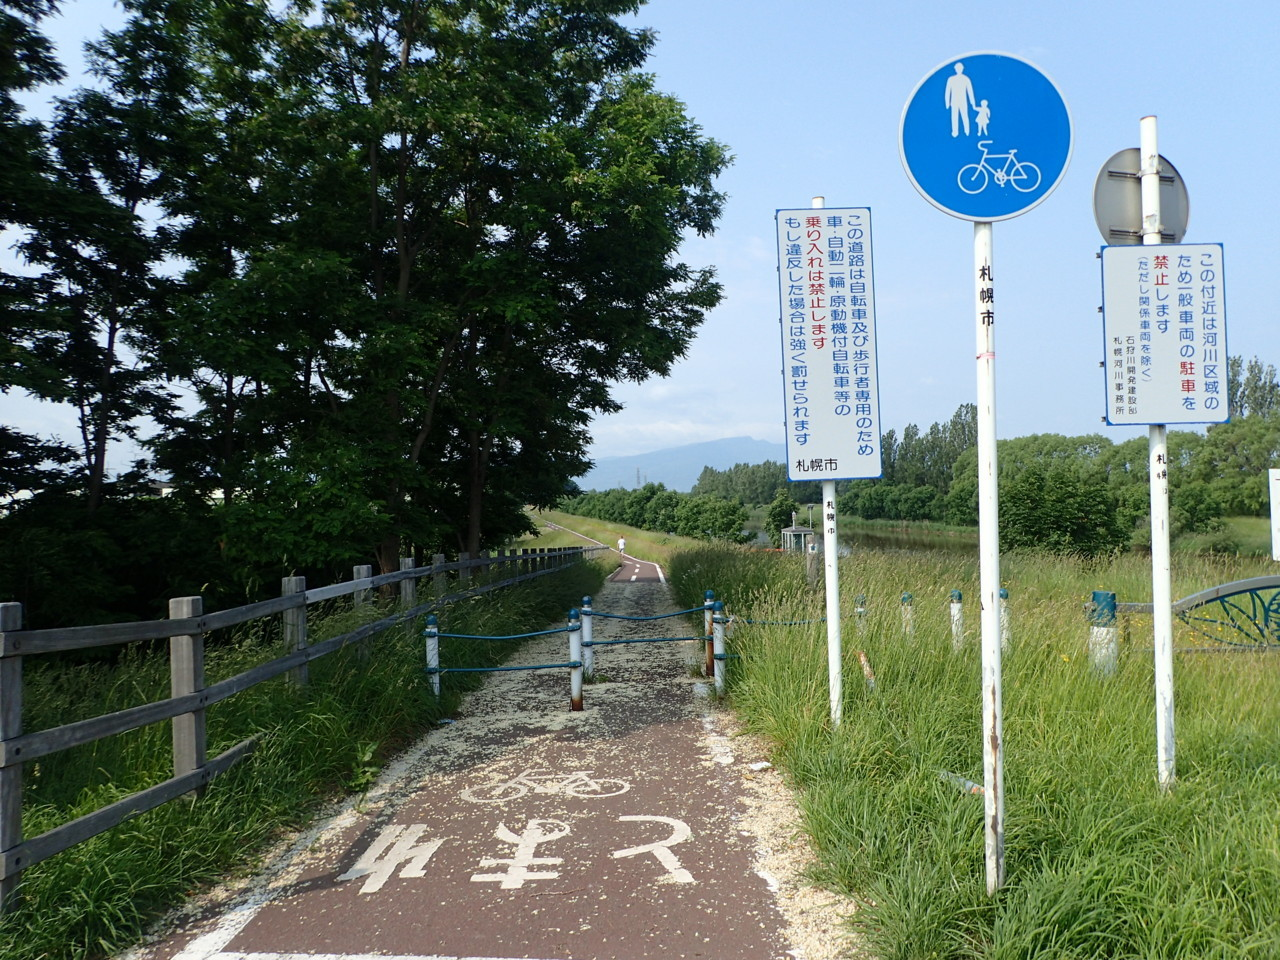 真駒内茨戸東雁来自転車道路 茨戸入口